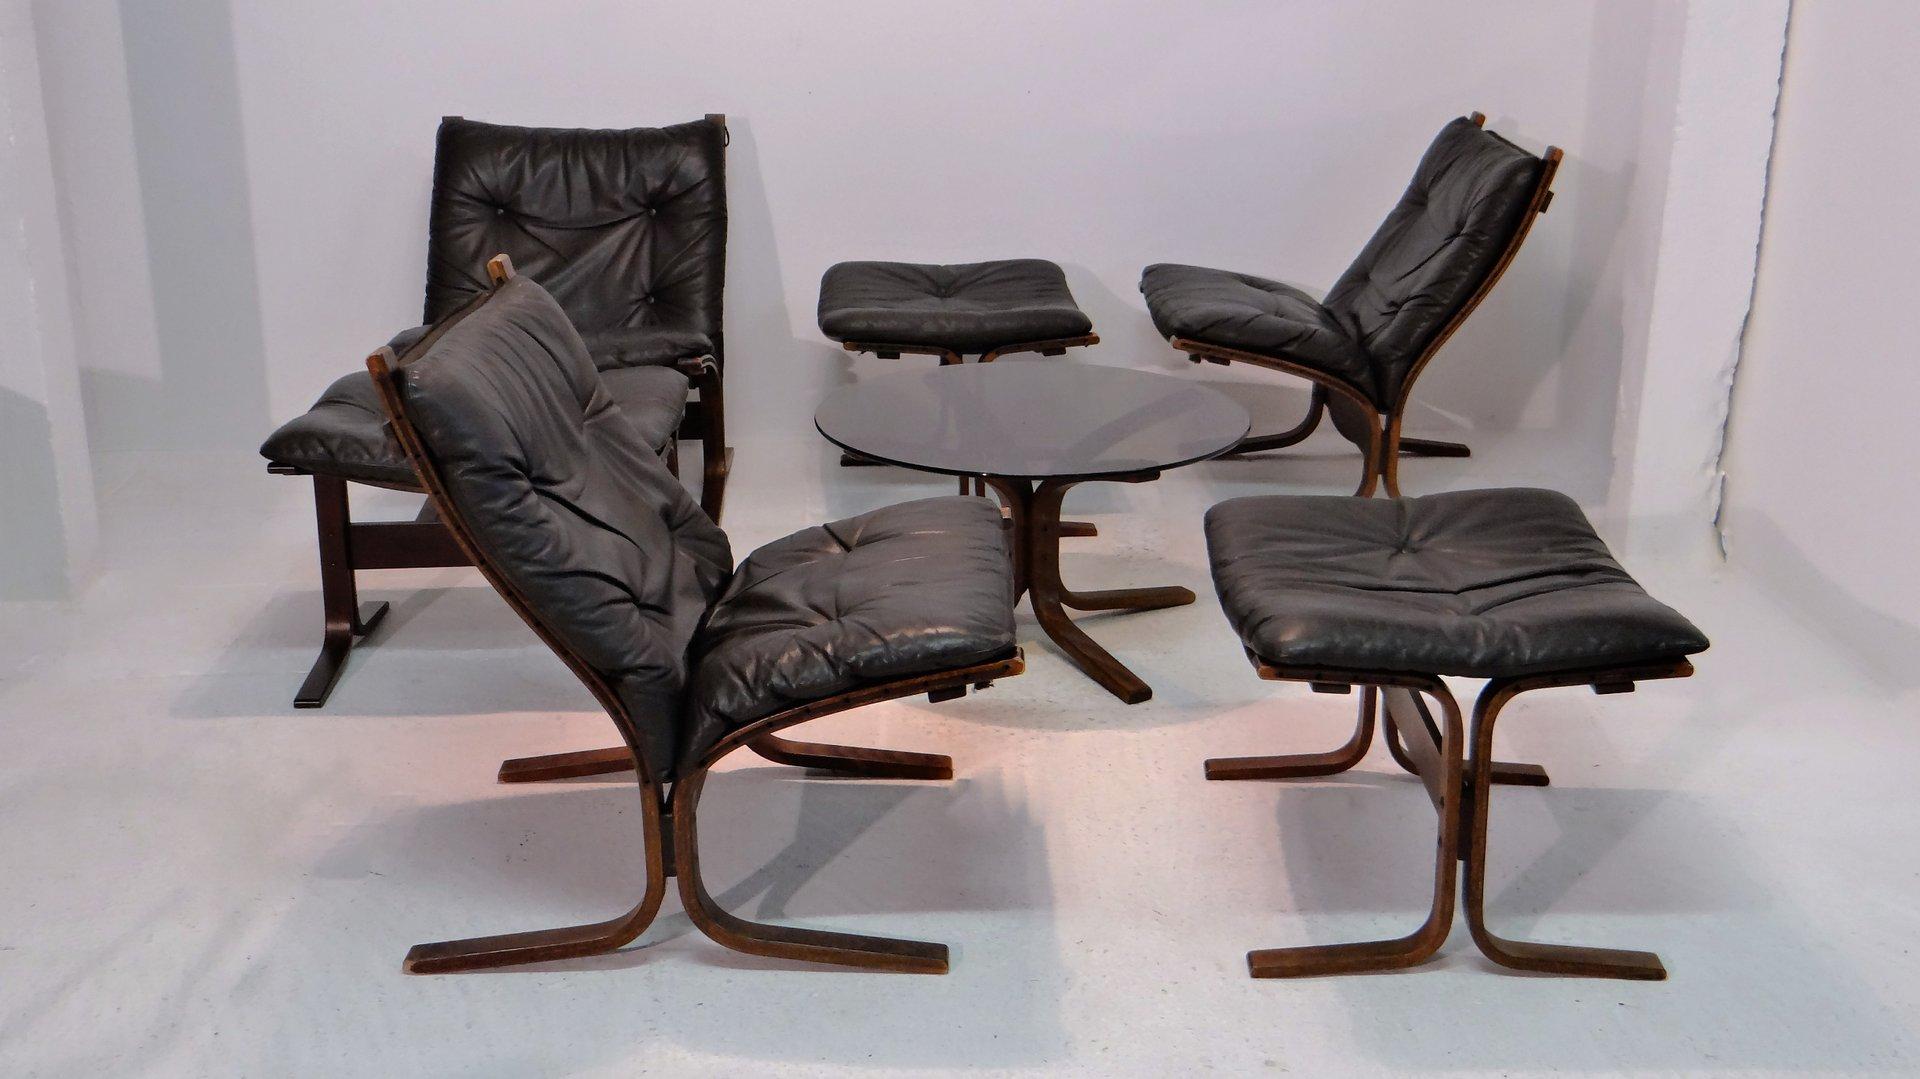 Vintage living room set by ingmar relling for westnofa for sale at